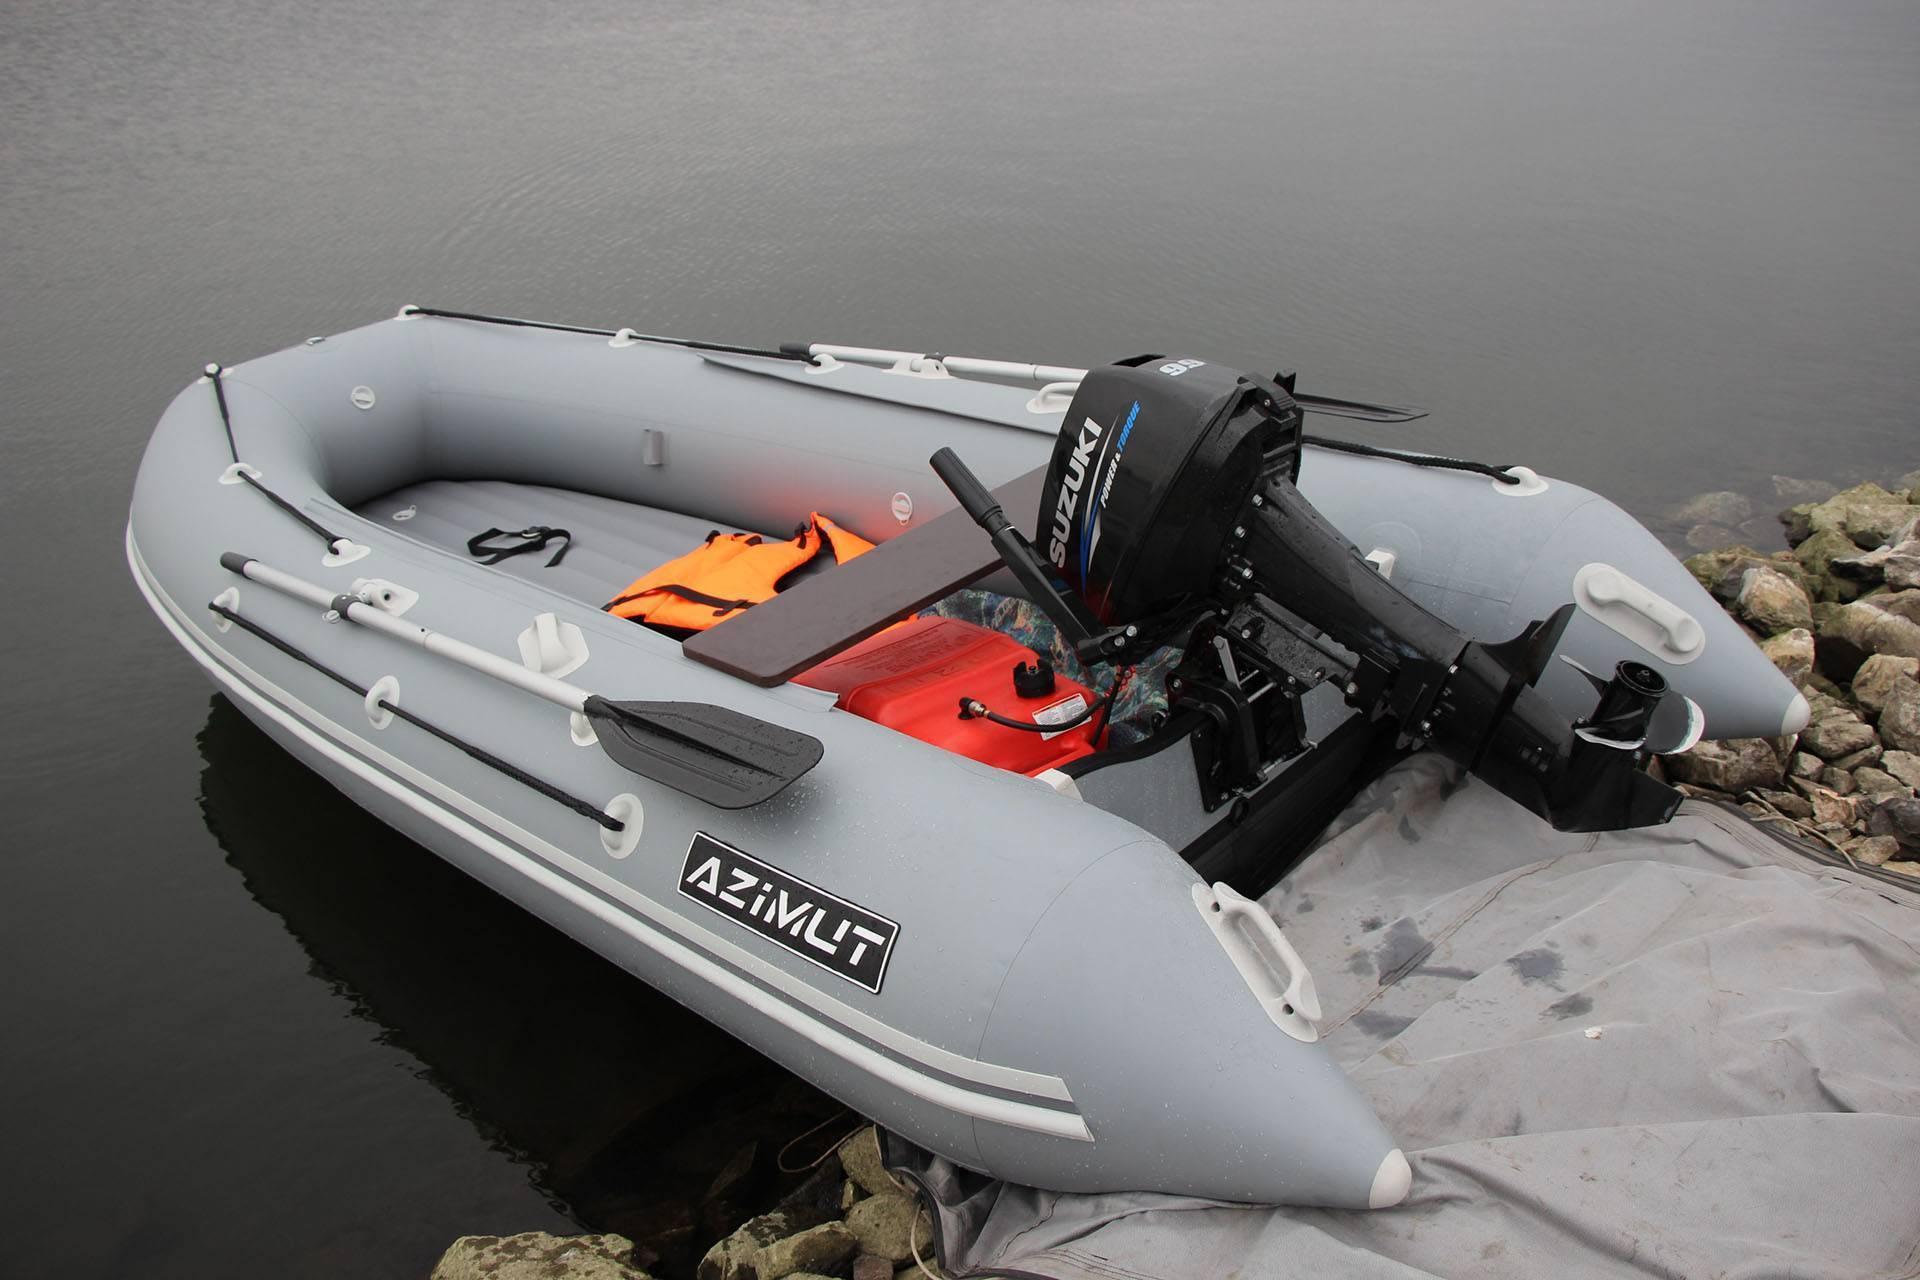 Лодки «азимут» - характеристики, отзывы и описание